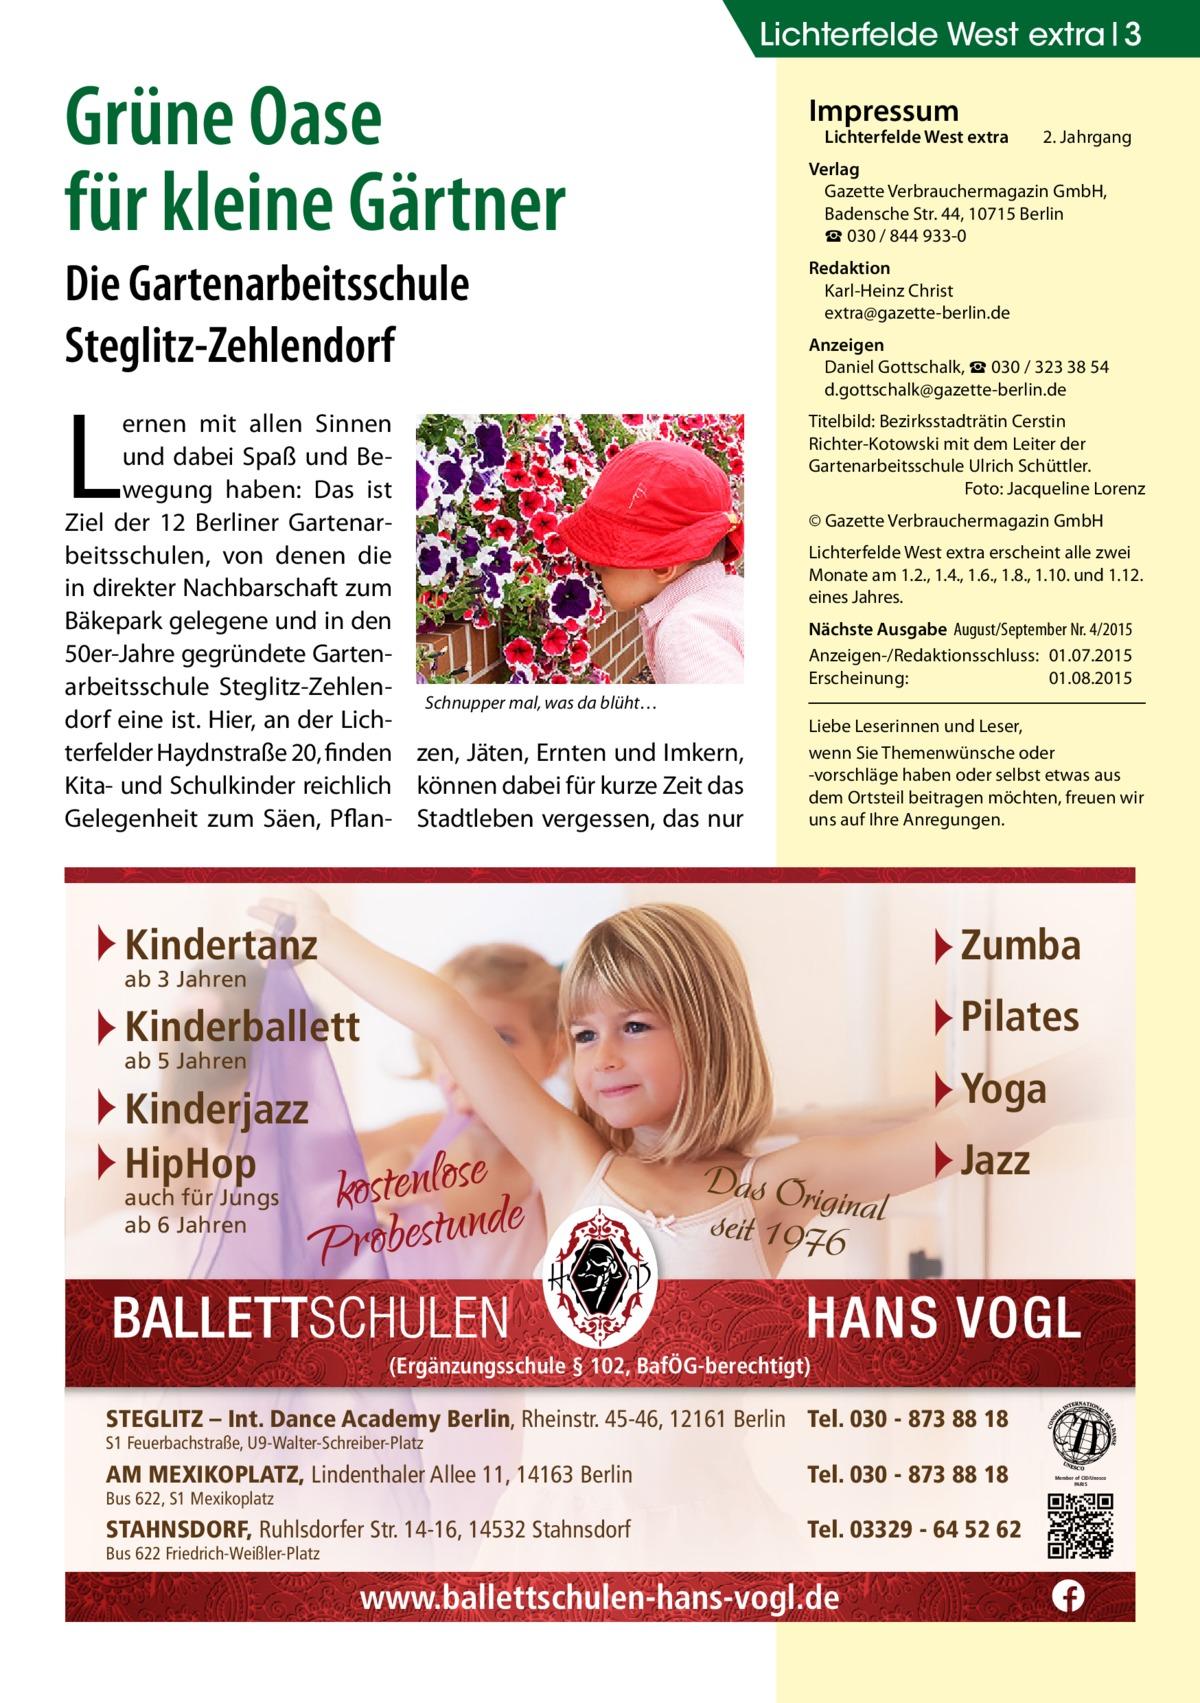 Lichterfelde West extra 3  Grüne Oase für kleine Gärtner Die Gartenarbeitsschule Steglitz-Zehlendorf  L  ernen mit allen Sinnen und dabei Spaß und Bewegung haben: Das ist Ziel der 12 Berliner Gartenarbeitsschulen, von denen die in direkter Nachbarschaft zum Bäkepark gelegene und in den 50er-Jahre gegründete Gartenarbeitsschule Steglitz-ZehlenSchnupper mal, was da blüht… dorf eine ist. Hier, an der Lichterfelder Haydnstraße20, finden zen, Jäten, Ernten und Imkern, Kita- und Schulkinder reichlich können dabei für kurze Zeit das Gelegenheit zum Säen, Pflan- Stadtleben vergessen, das nur  Impressum  Lichterfelde West extra  2. Jahrgang  Verlag Gazette Verbrauchermagazin GmbH, BadenscheStr.44, 10715Berlin ☎ 030 / 844 933-0 Redaktion Karl-Heinz Christ extra@gazette-berlin.de Anzeigen Daniel Gottschalk, ☎ 030 / 323 38 54 d.gottschalk@gazette-berlin.de Titelbild: Bezirksstadträtin Cerstin Richter-Kotowski mit dem Leiter der Gartenarbeitsschule Ulrich Schüttler. � Foto: Jacqueline Lorenz © Gazette Verbrauchermagazin GmbH Lichterfelde West extra erscheint alle zwei Monate am 1.2., 1.4., 1.6., 1.8., 1.10. und 1.12. eines Jahres. Nächste Ausgabe August/September Nr. 4/2015 Anzeigen-/Redaktionsschluss:01.07.2015 Erscheinung:01.08.2015 Liebe Leserinnen und Leser, wenn Sie Themenwünsche oder -vorschläge haben oder selbst etwas aus dem Ortsteil beitragen möchten, freuen wir uns auf Ihre Anregungen.  Kindertanz  Zumba  Kinderballett  Pilates  Kinderjazz HipHop  Yoga  ab 3 Jahren ab 5 Jahren  Jazz  auch für Jungs ab 6 Jahren  (Ergänzungsschule § 102, BafÖG-berechtigt)  STEGLITZ – Int. Dance Academy Berlin, Rheinstr. 45-46, 12161 Berlin Tel. 030 - 873 88 18 S1 Feuerbachstraße, U9-Walter-Schreiber-Platz  AM MEXIKOPLATZ, Lindenthaler Allee 11, 14163 Berlin  Tel. 030 - 873 88 18  STAHNSDORF, Ruhlsdorfer Str. 14-16, 14532 Stahnsdorf  Tel. 03329 - 64 52 62  Bus 622, S1 Mexikoplatz  Bus 622 Friedrich-Weißler-Platz  www.ballettschulen-hans-vogl.de  Member of CID/Unesco PARIS